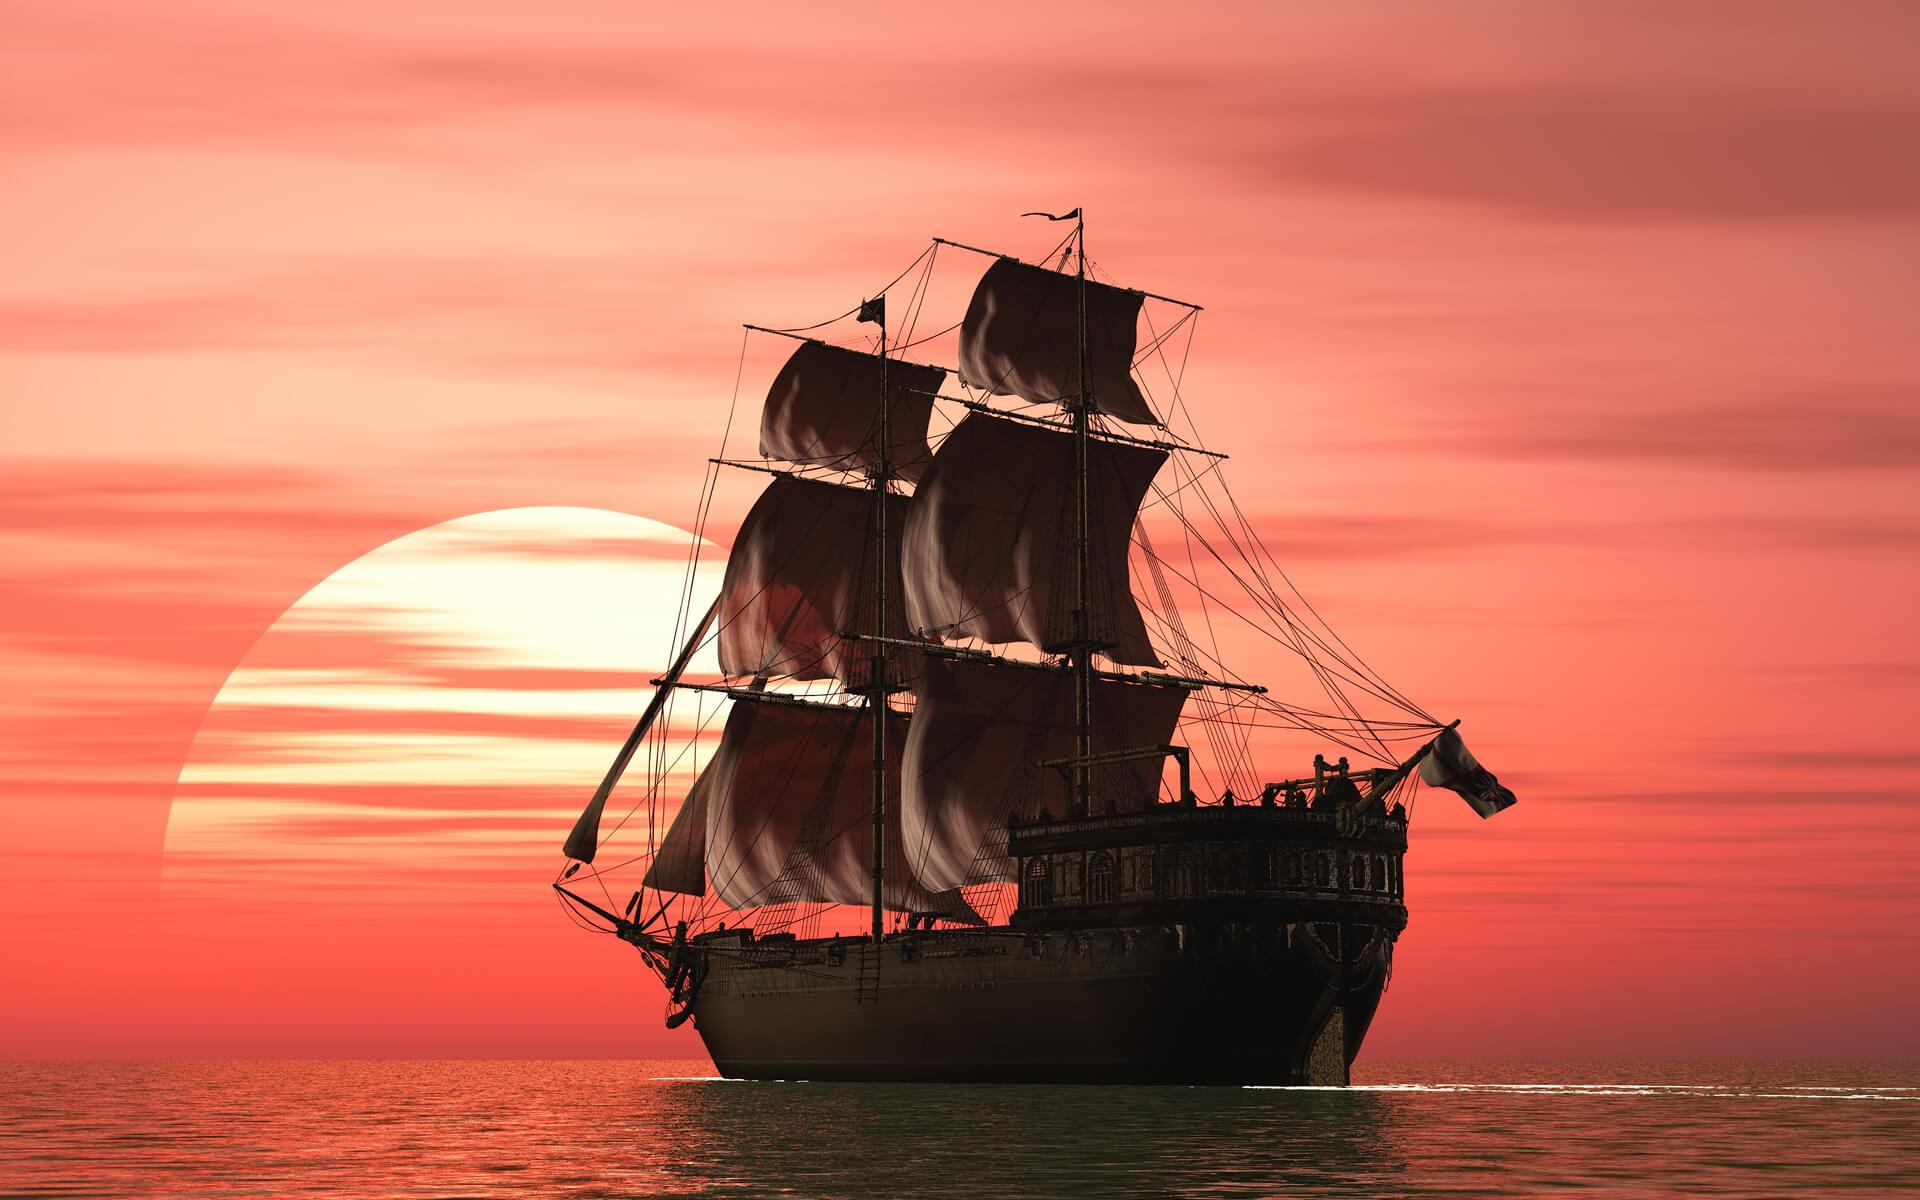 К чему снится корабль - сонник. Плыть на большом корабле во сне